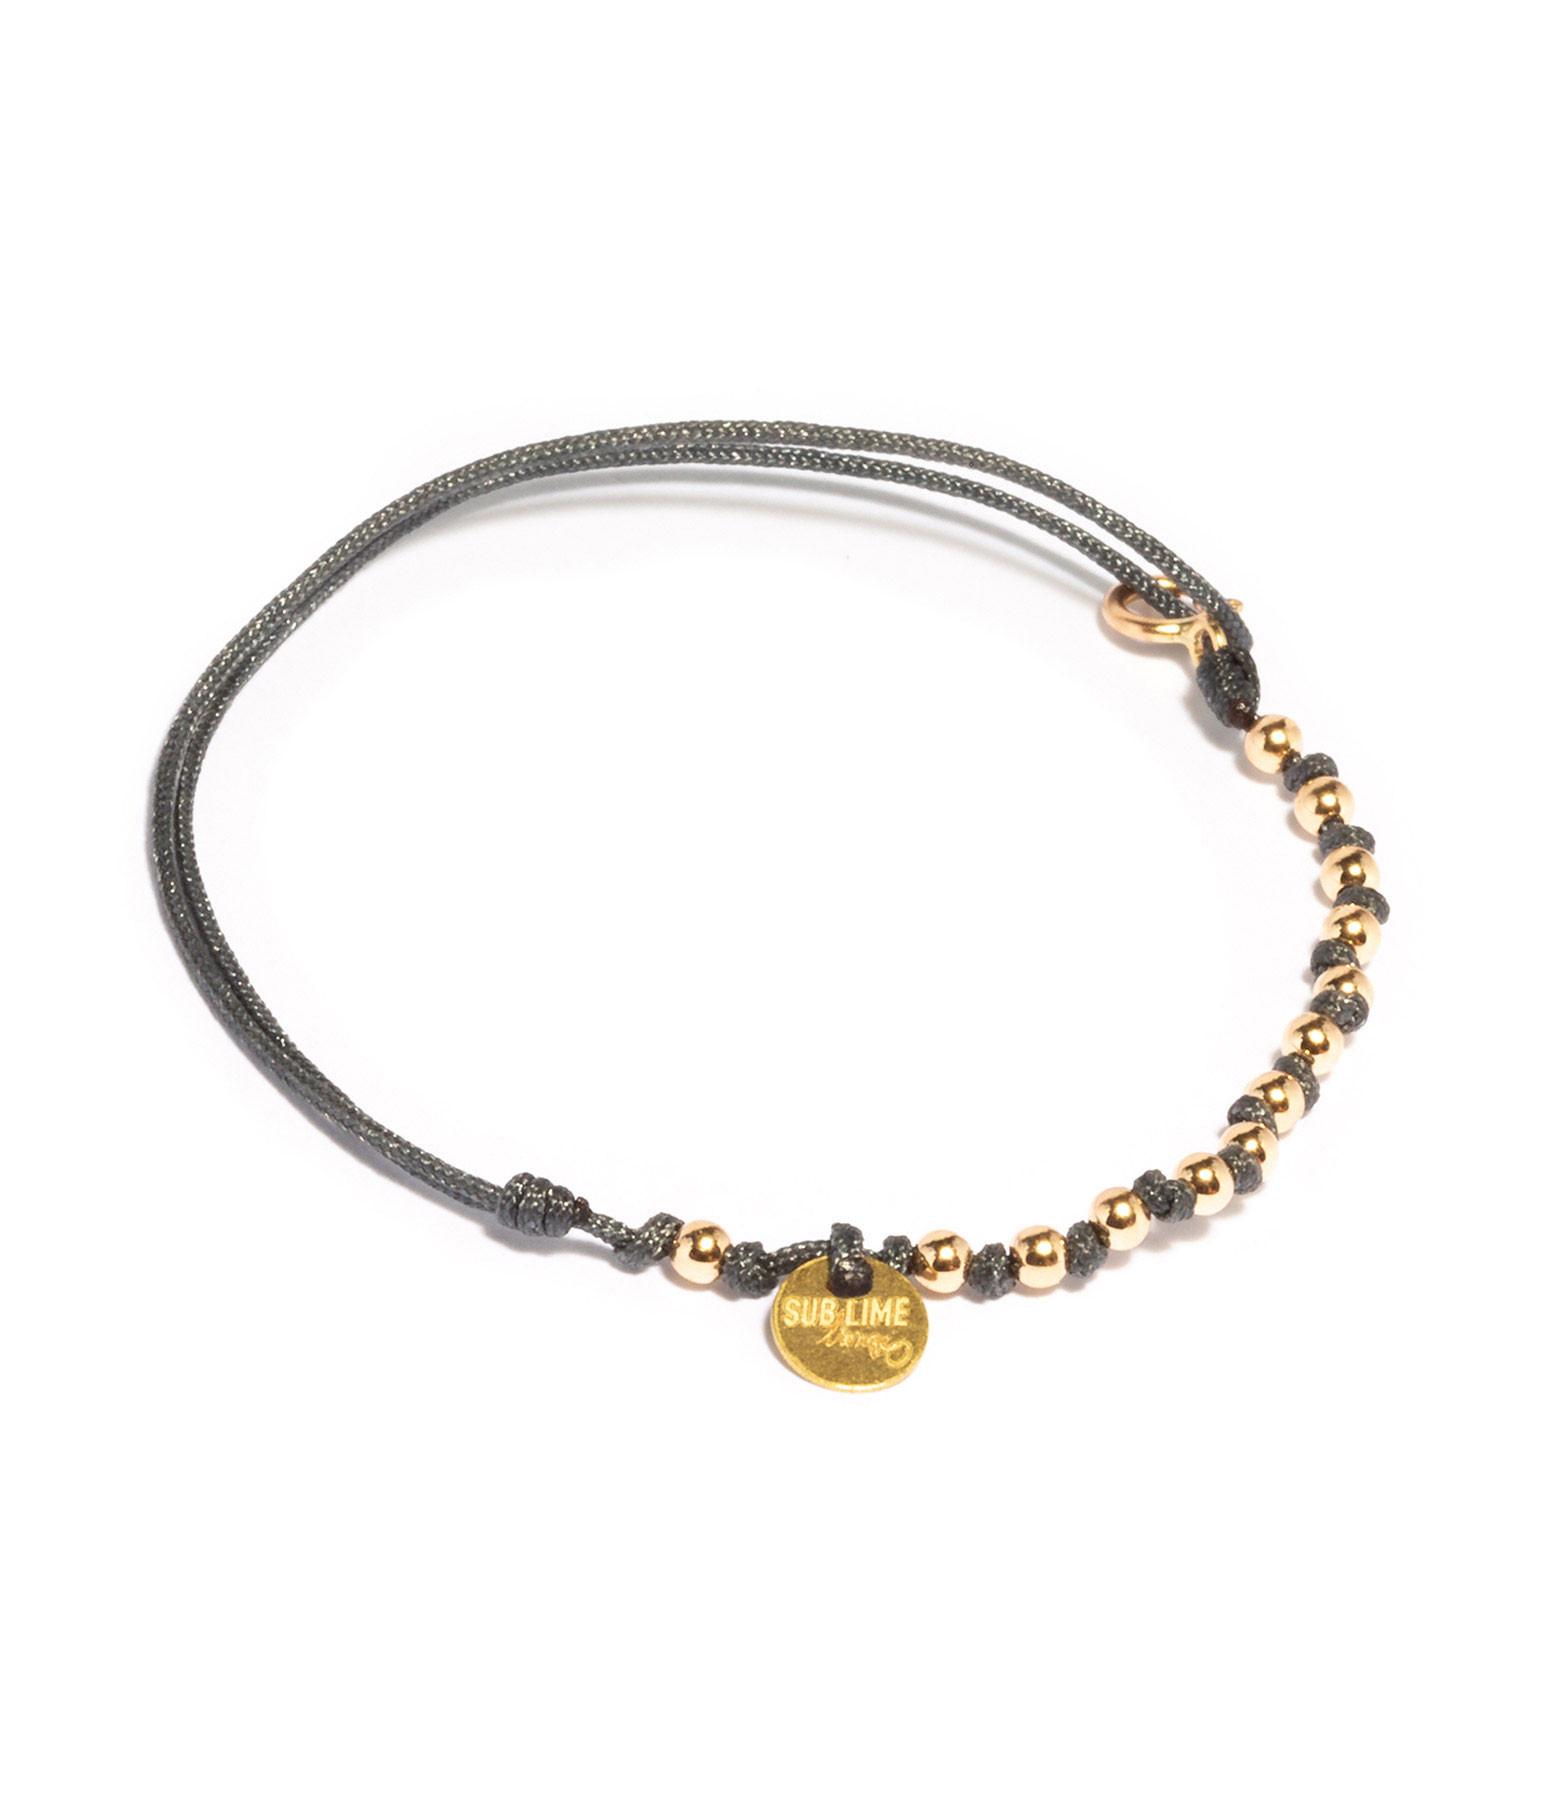 LSONGE - Bracelet Sublime M Comme Méditer 13 Perles Carbone